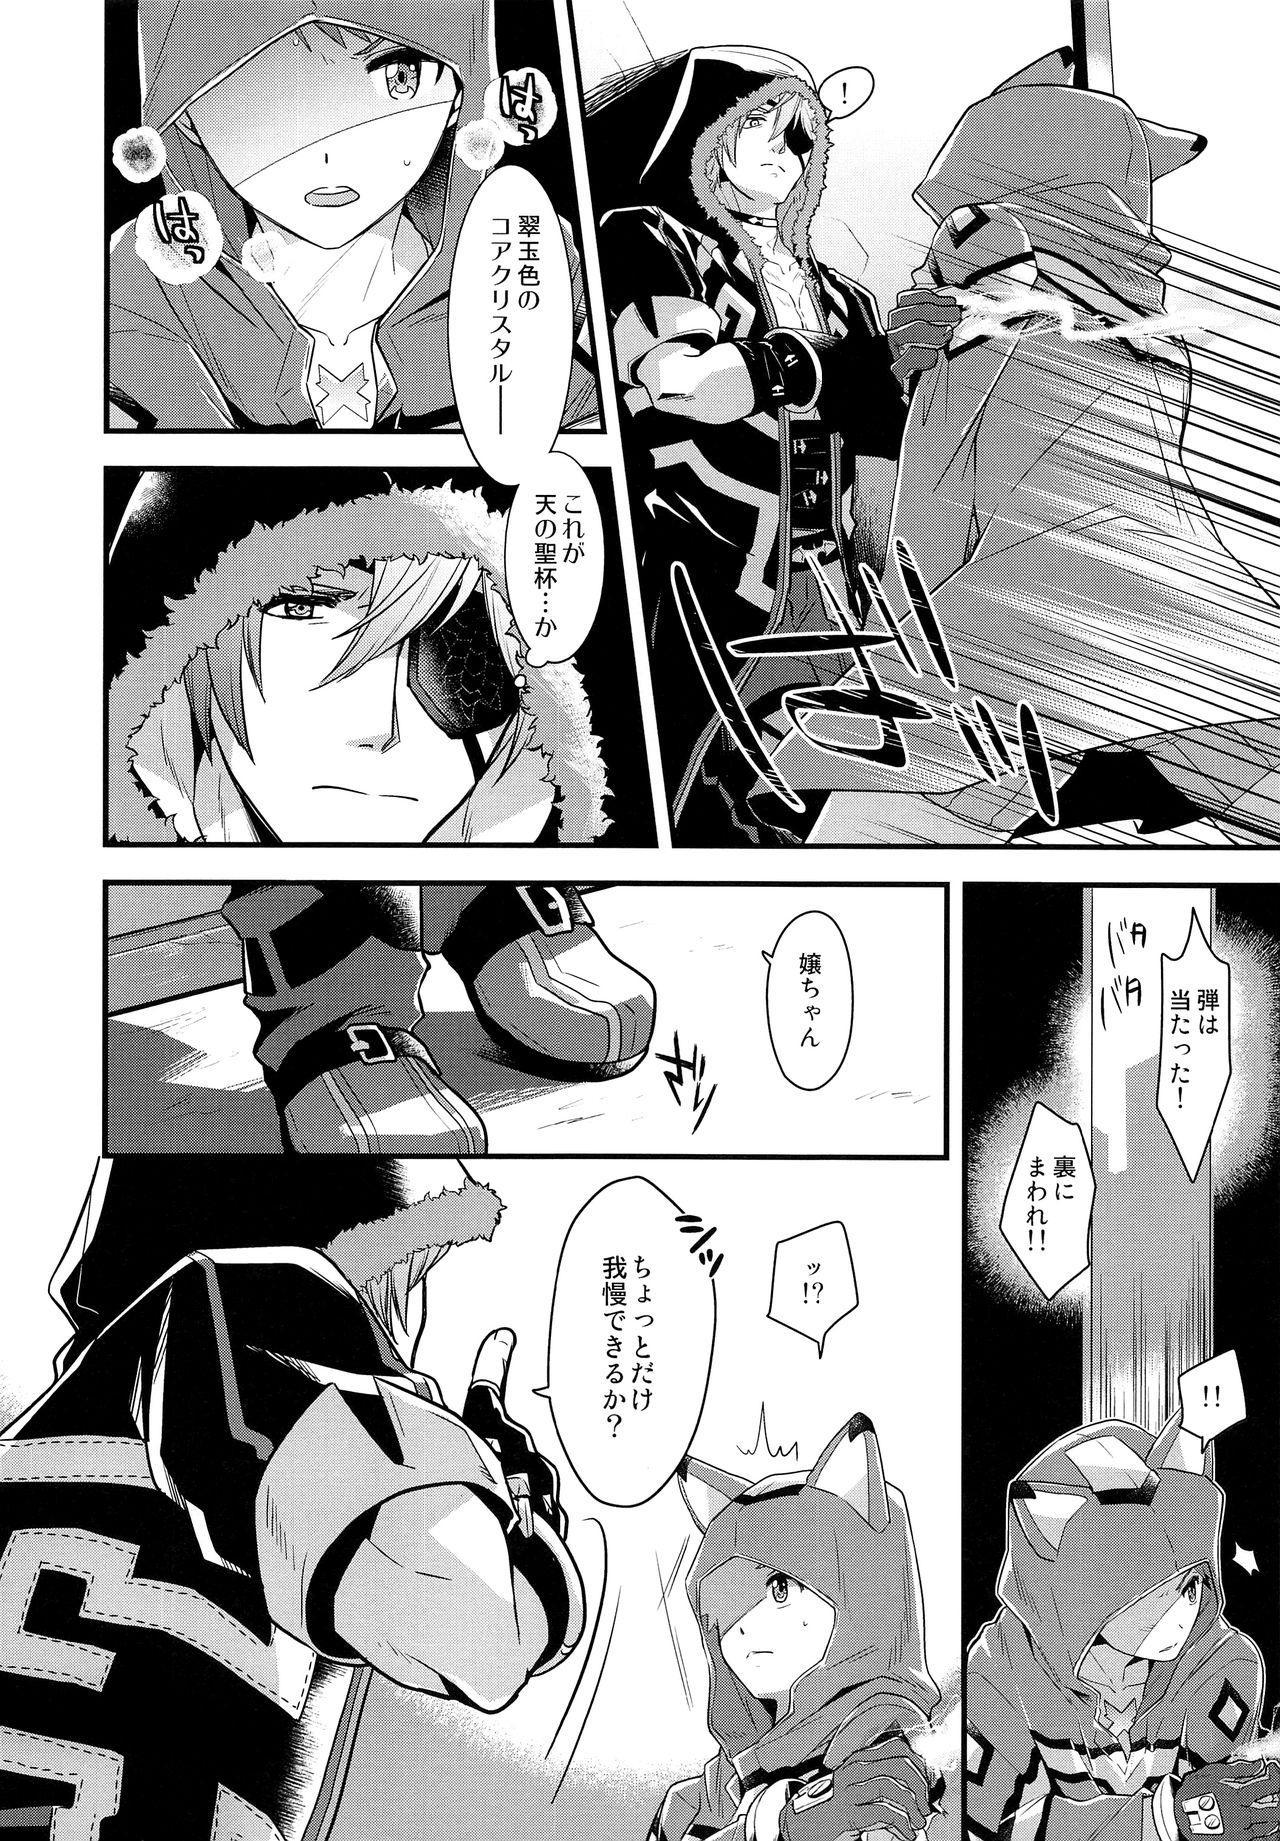 if no Kizuna 8